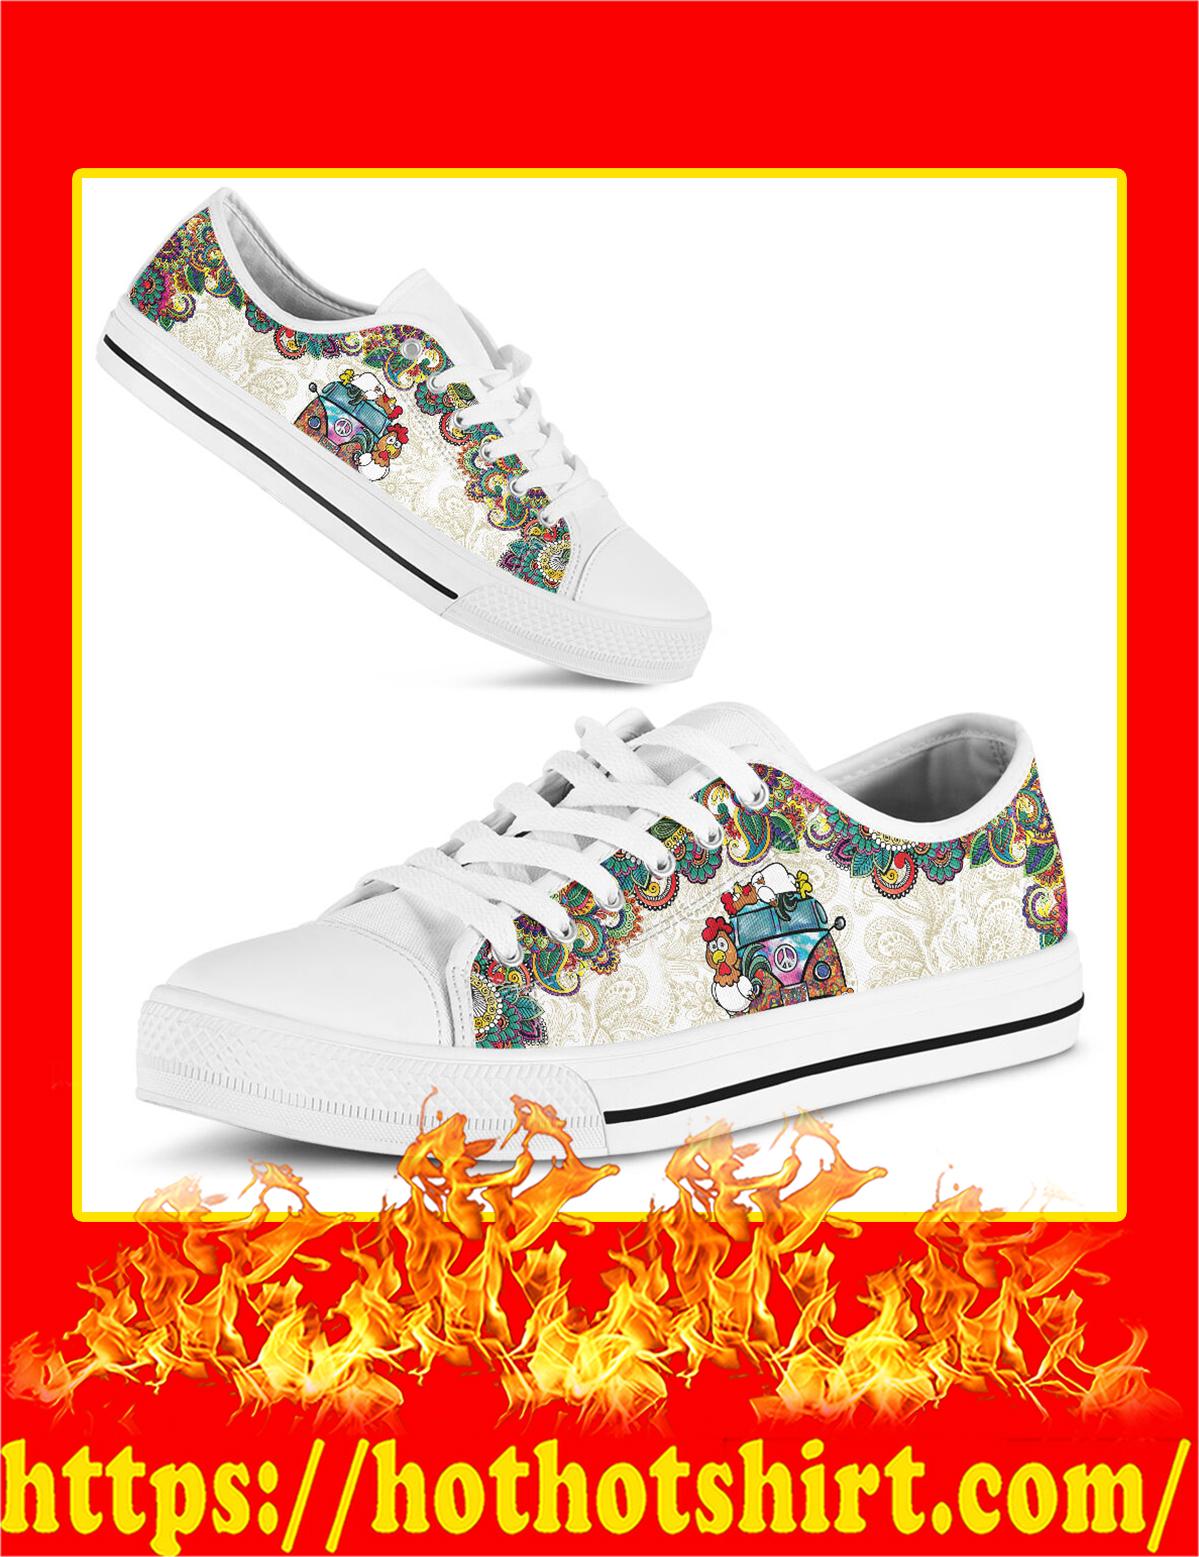 Chicken Hippie Van Low Top Shoes